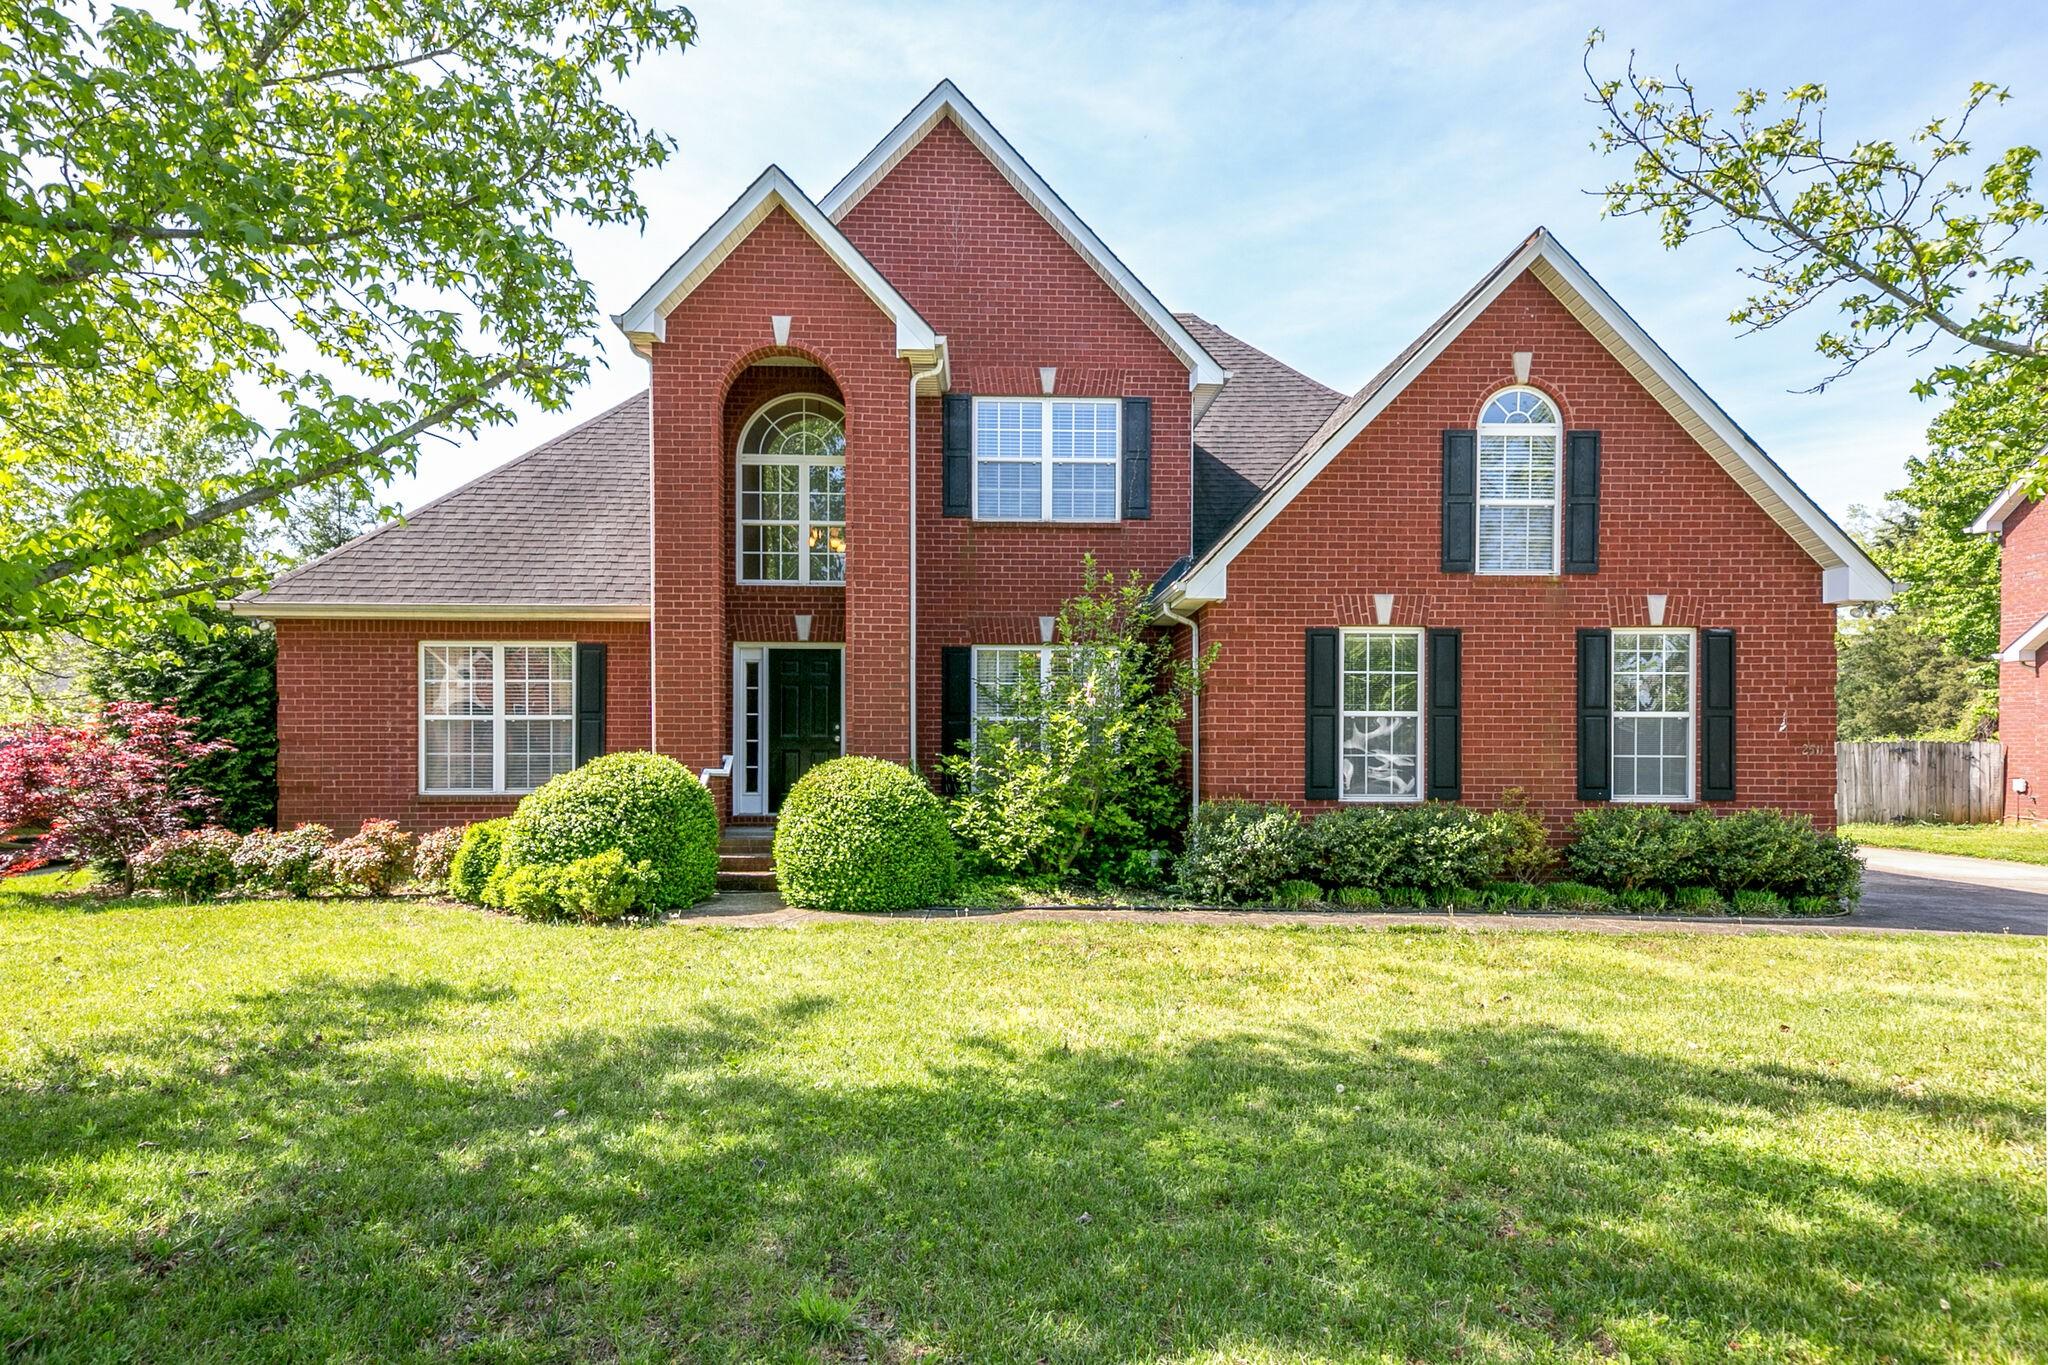 Amber Glen Sec 4 Real Estate Listings Main Image